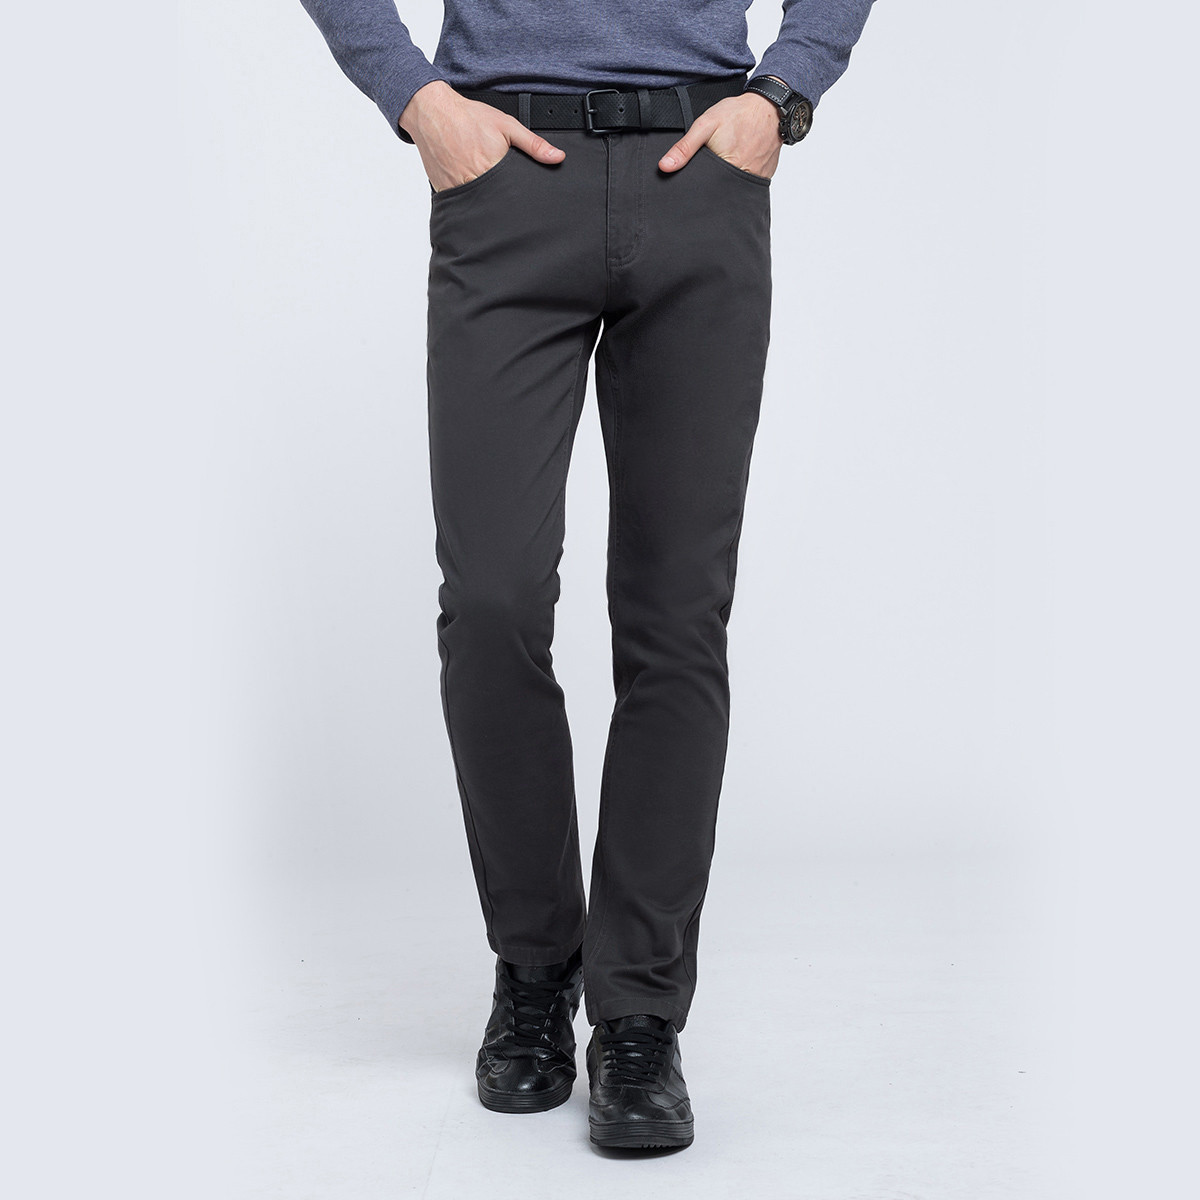 骆驼时尚微弹纯色直筒中腰长裤男士休闲裤W8P4674412SH